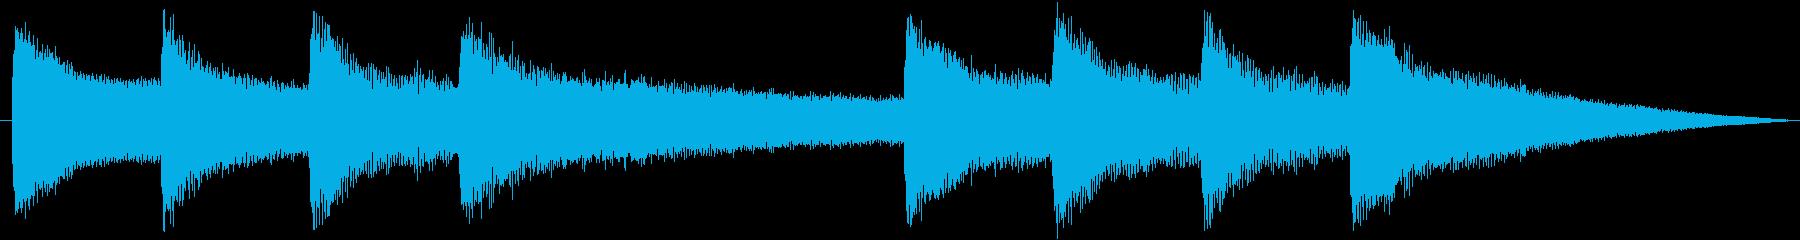 学校のチャイムや鐘の音に最適です!の再生済みの波形